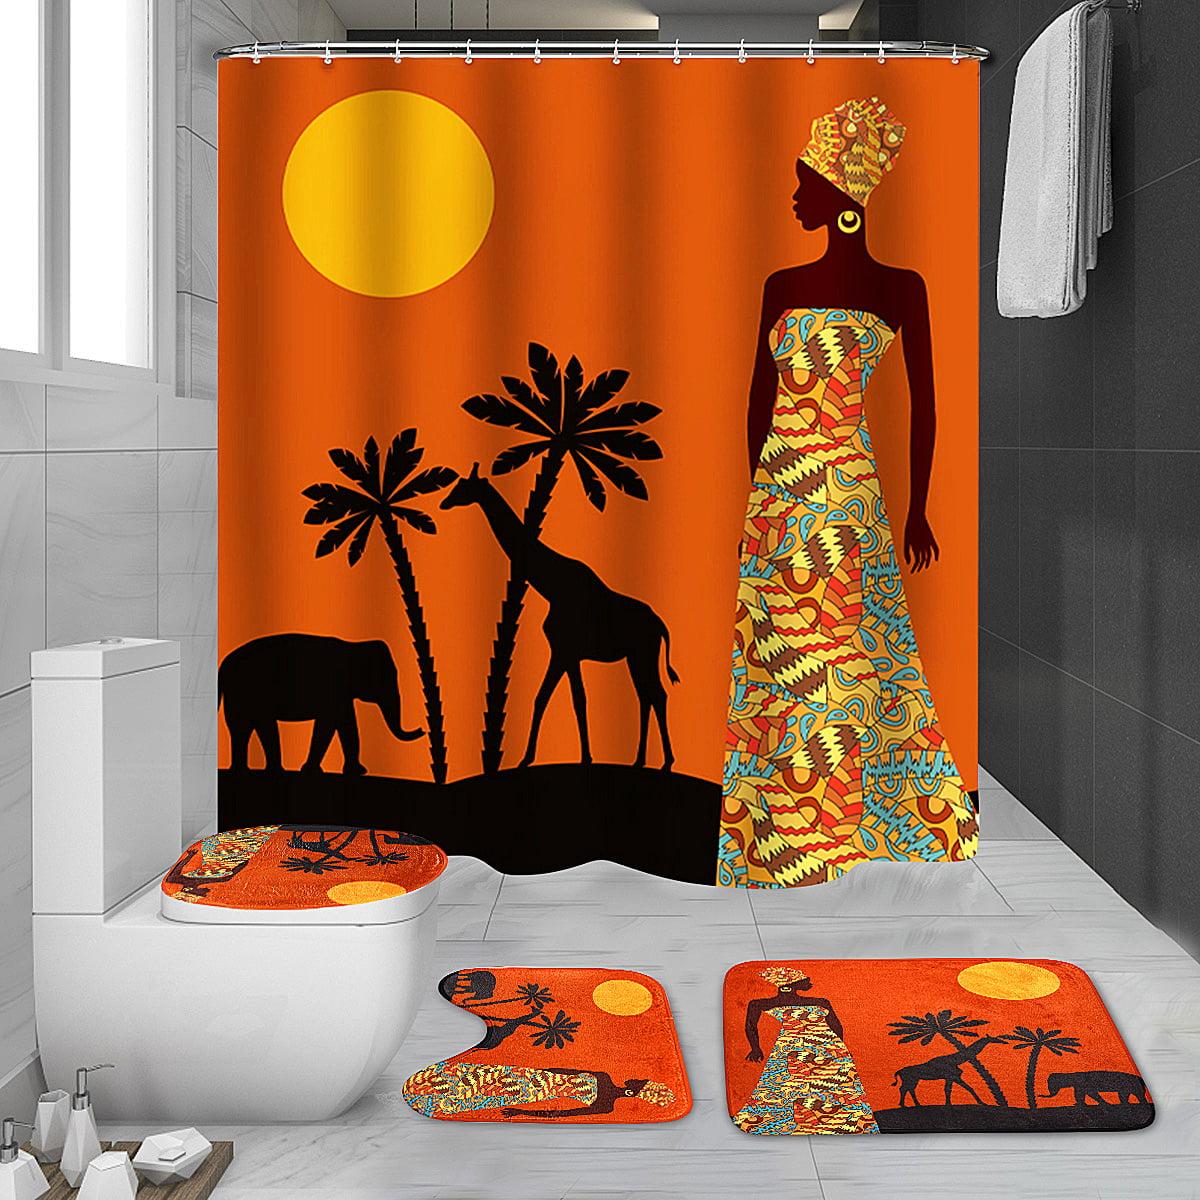 Bathroom Shower Curtain+Non-slip Bath Mat Pedestal Toilet Seat Cover Lid Rug